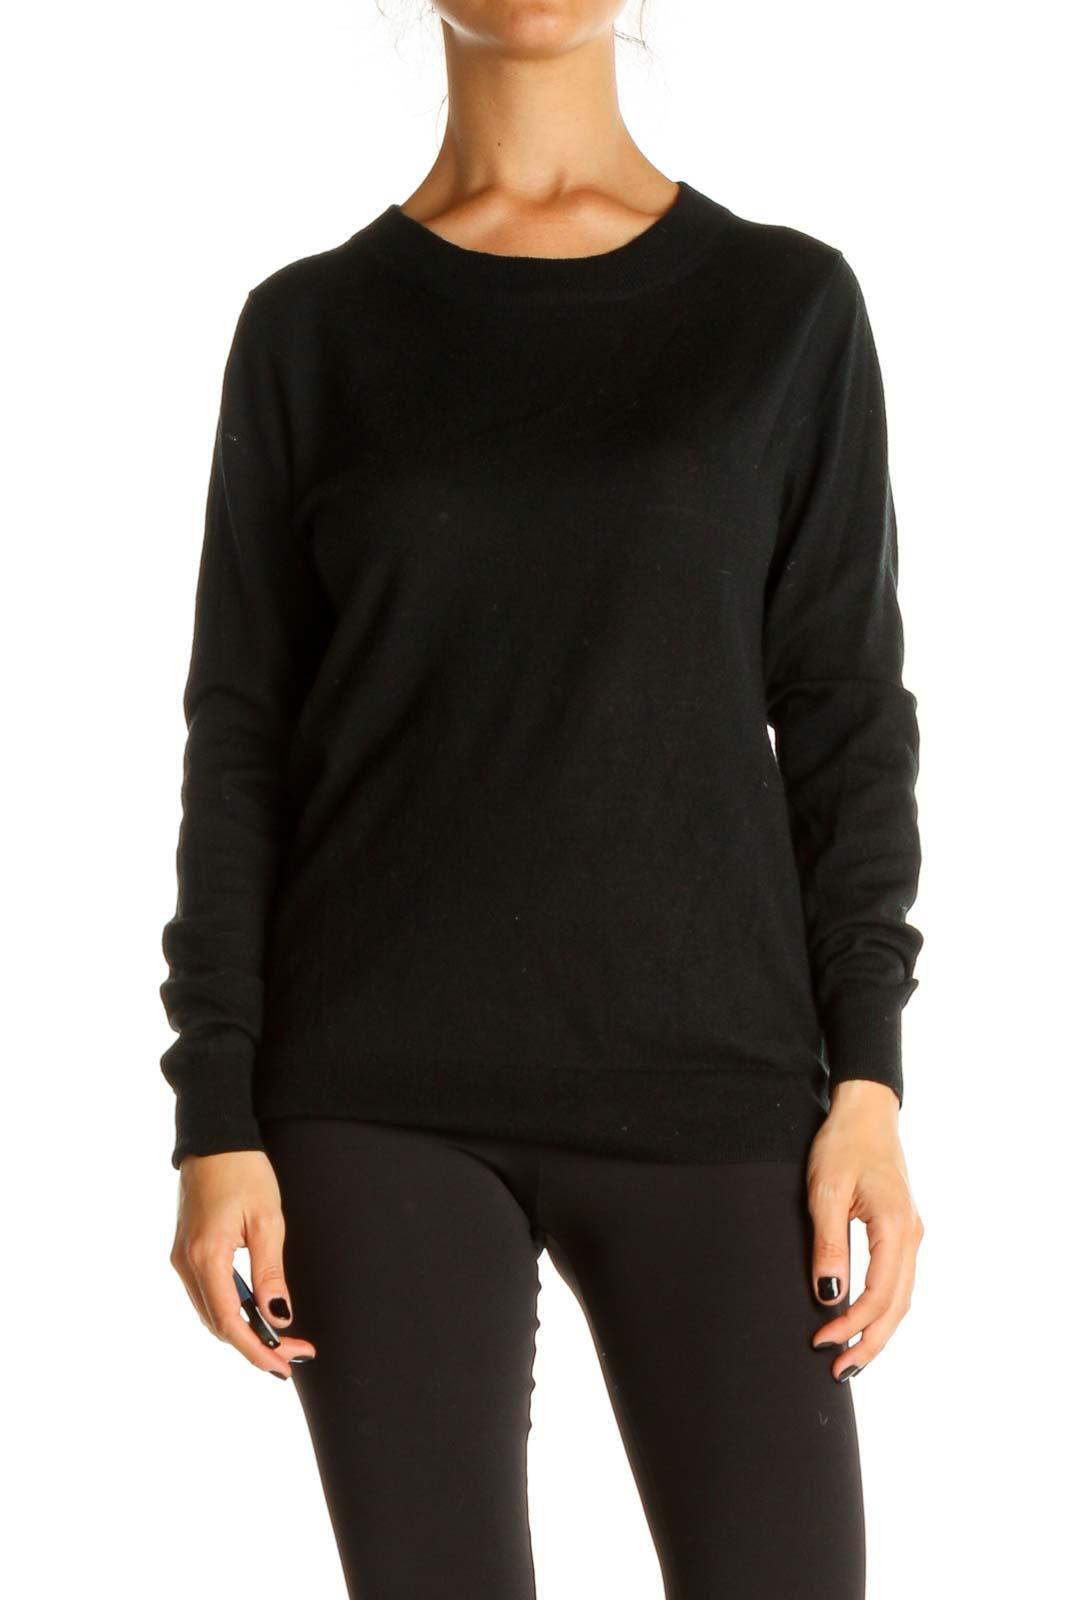 Black Sweatshirt Front